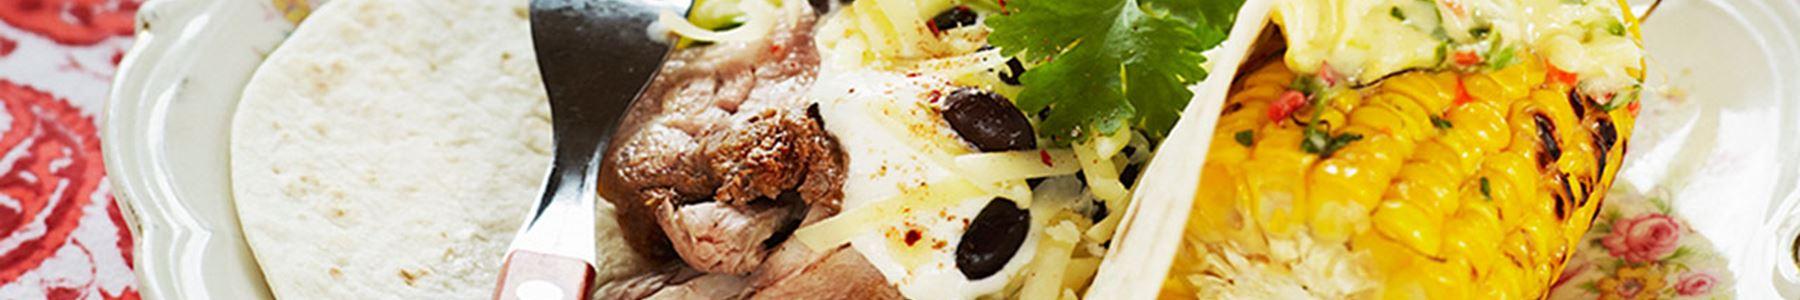 Smör + Tortilla + Grillad